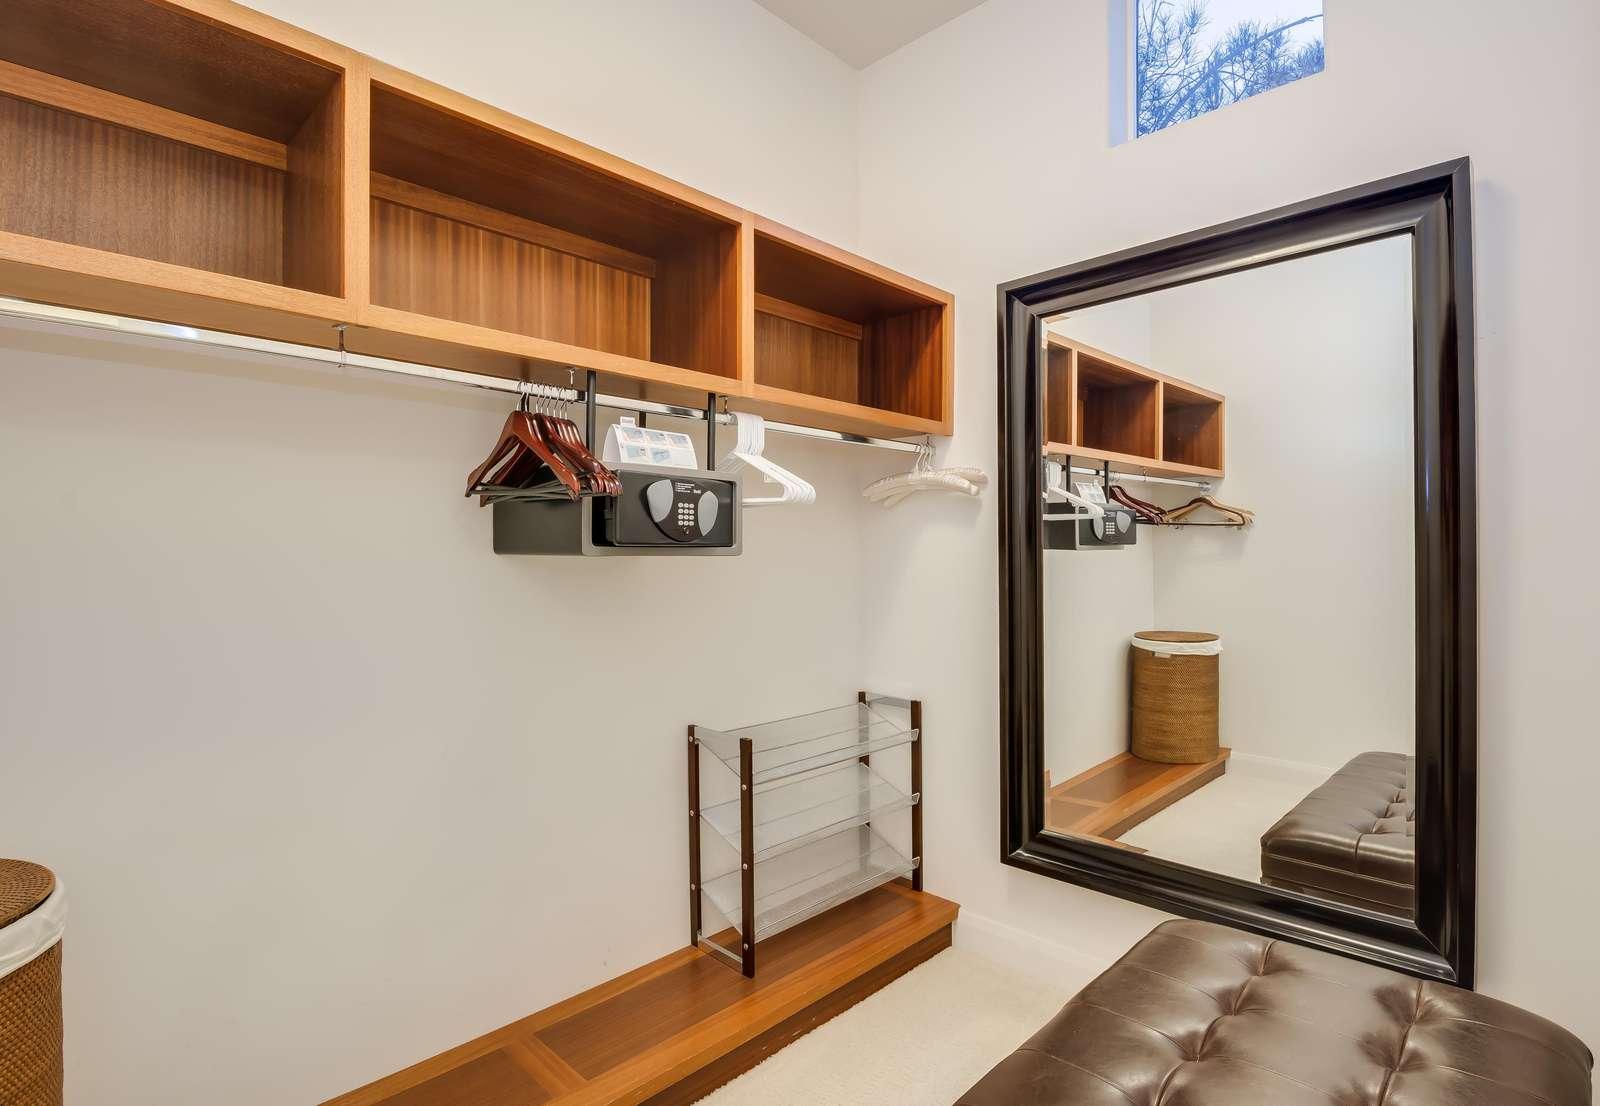 Suite 1 walk-in closet